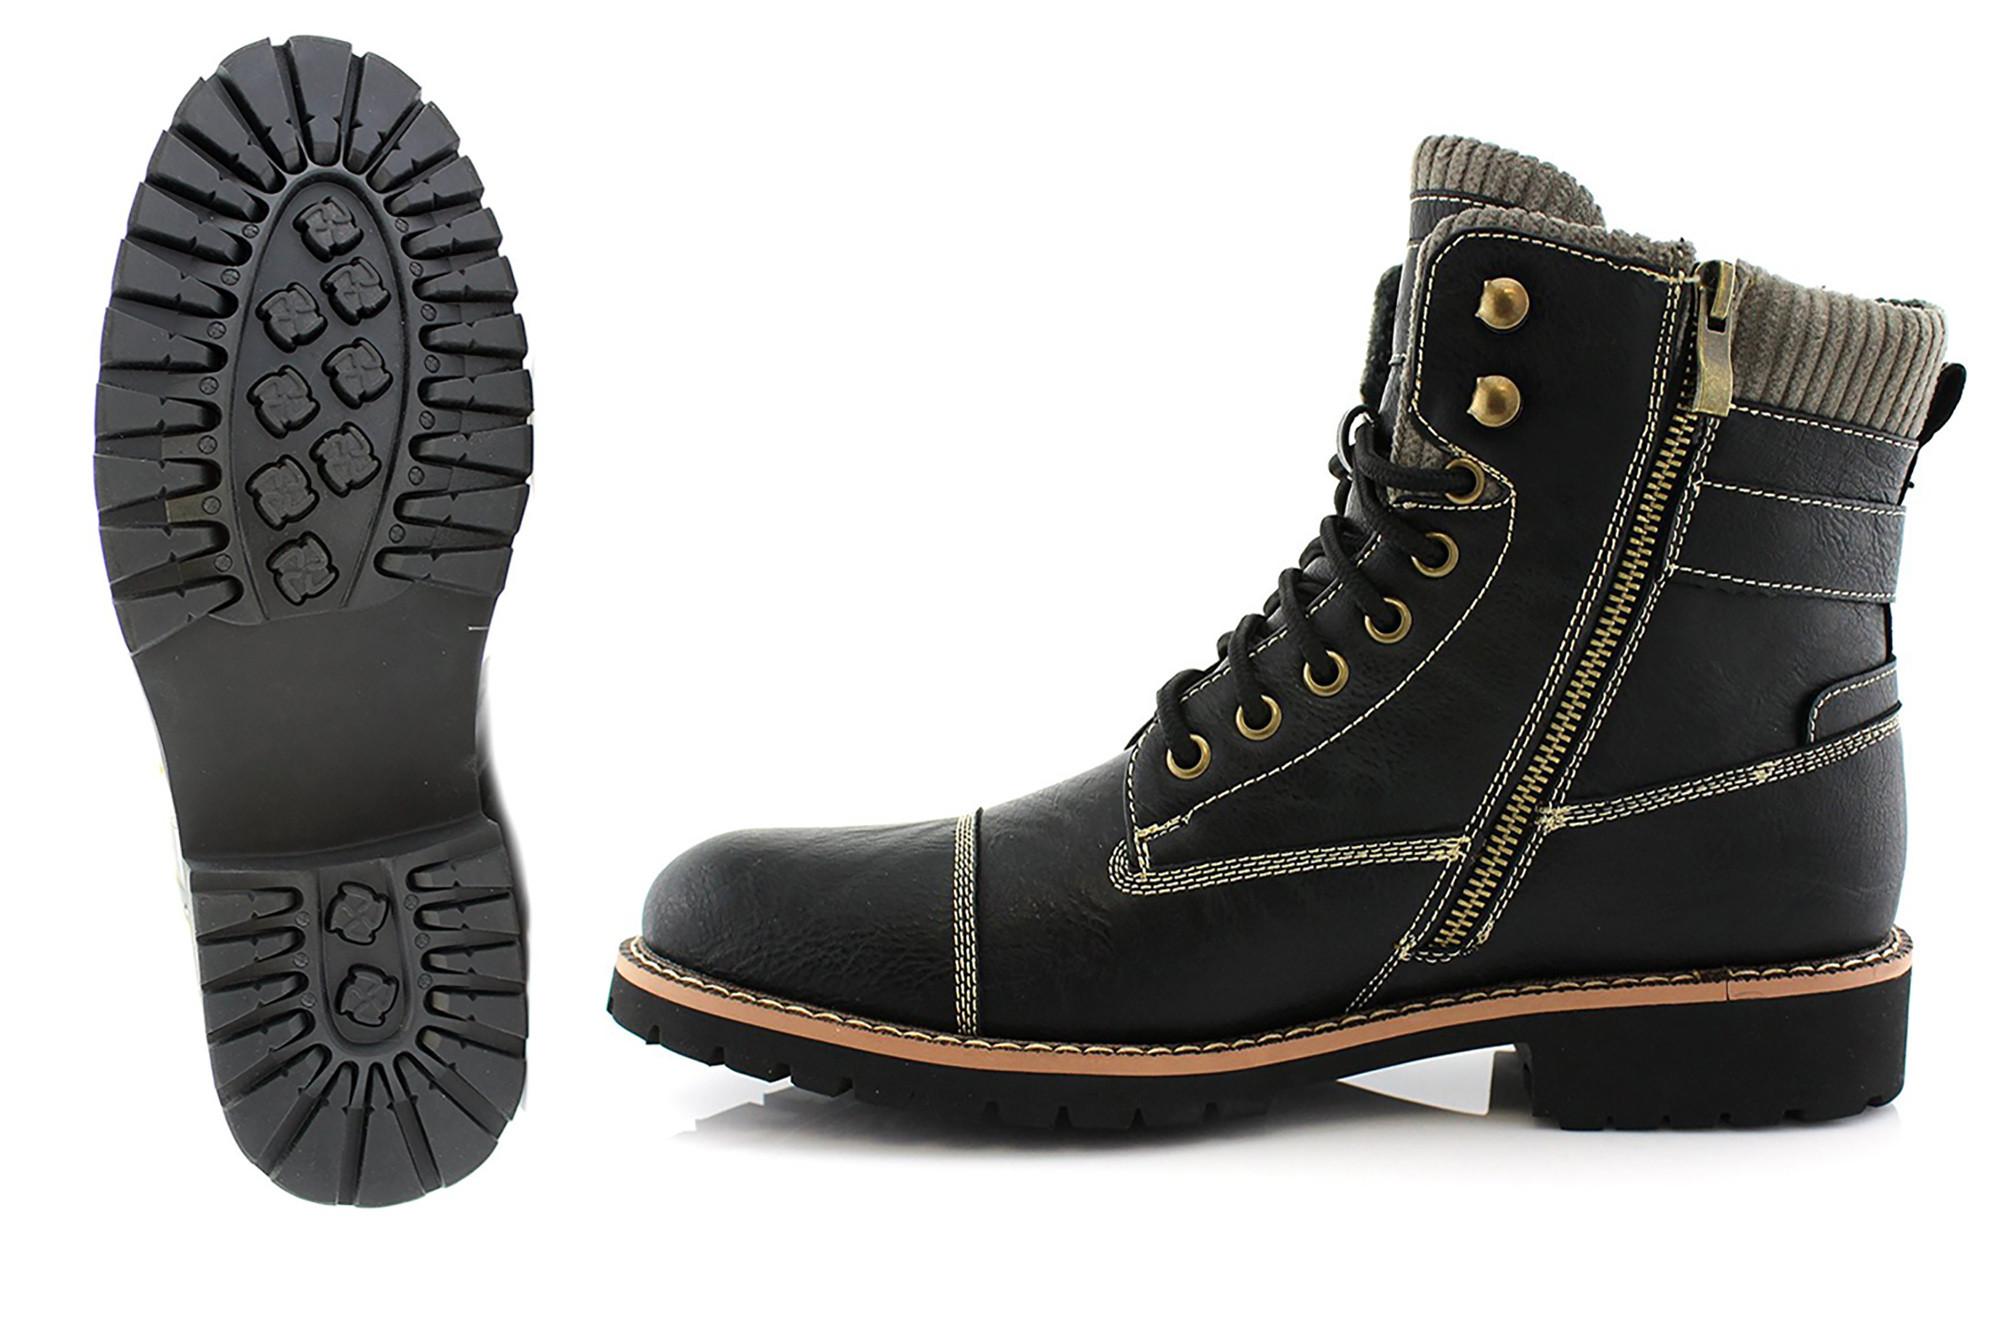 170113-nazi-like-boots-index FN BOOTS : Une idée du Front National pour laisser son empreinte dans l'histoire